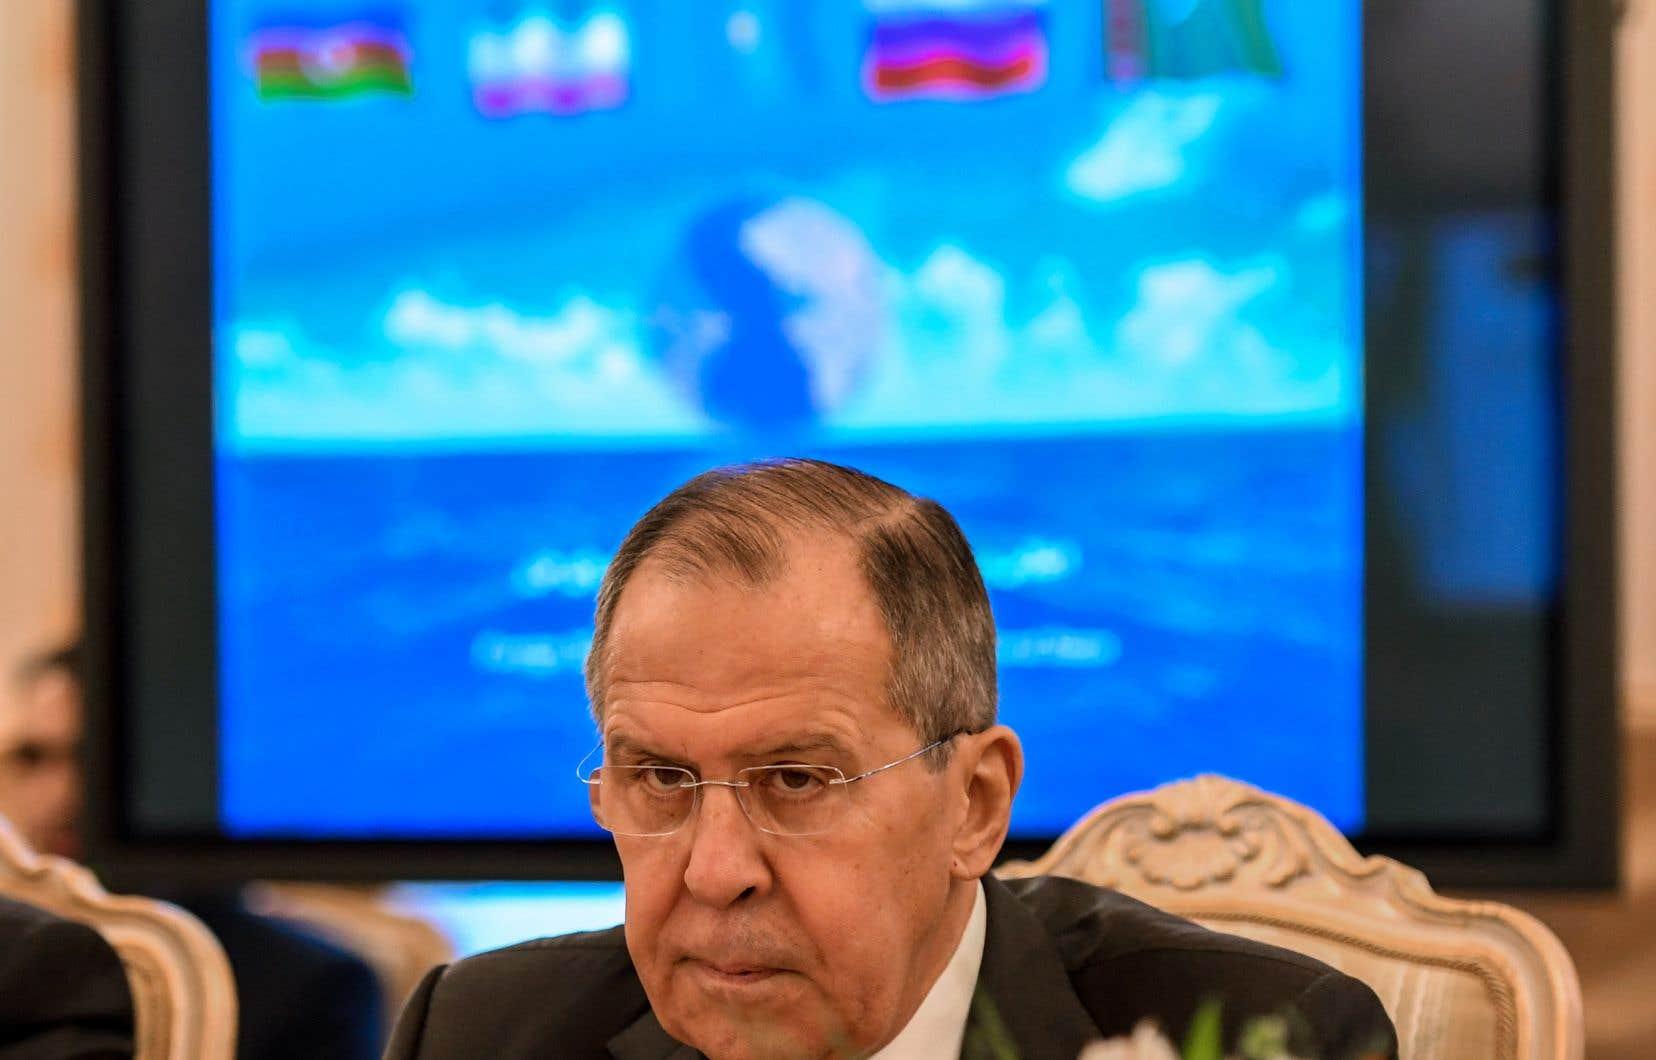 <p>Le ministre des Affaires étrangères russesSergei Lavrov lors d'une rencontre avec ses homologues de l'Azerbaïdjan, de l'Iran, du Kazakhstan et du Turkménistan en décembre 2017.</p>